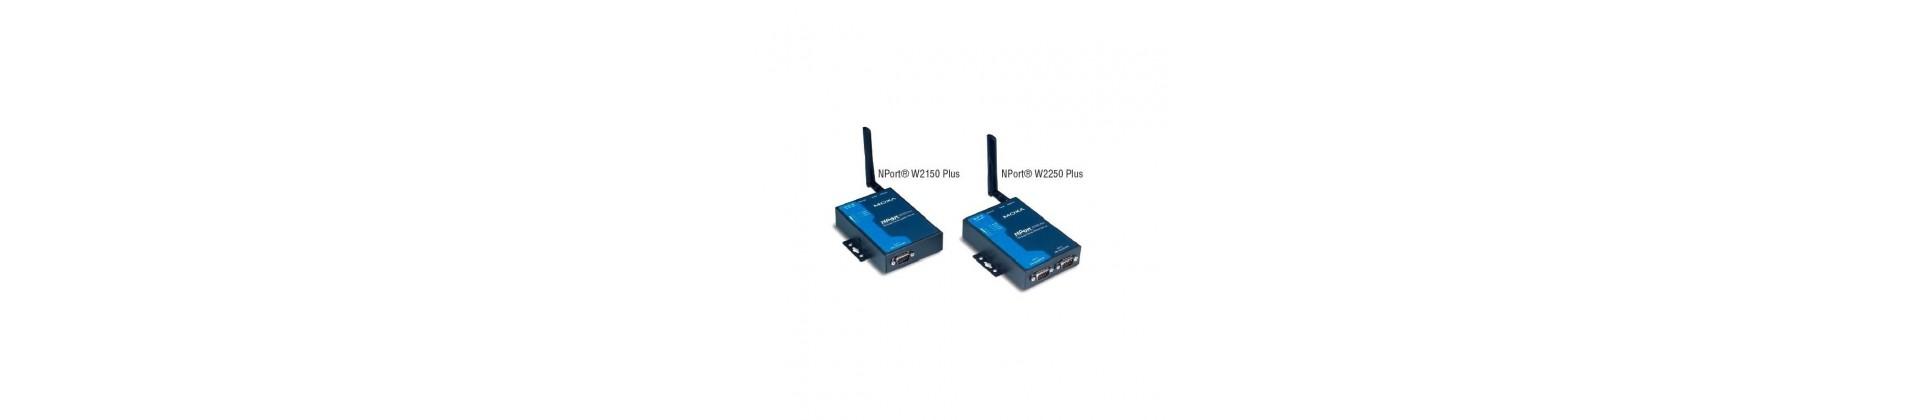 Wireless industriel